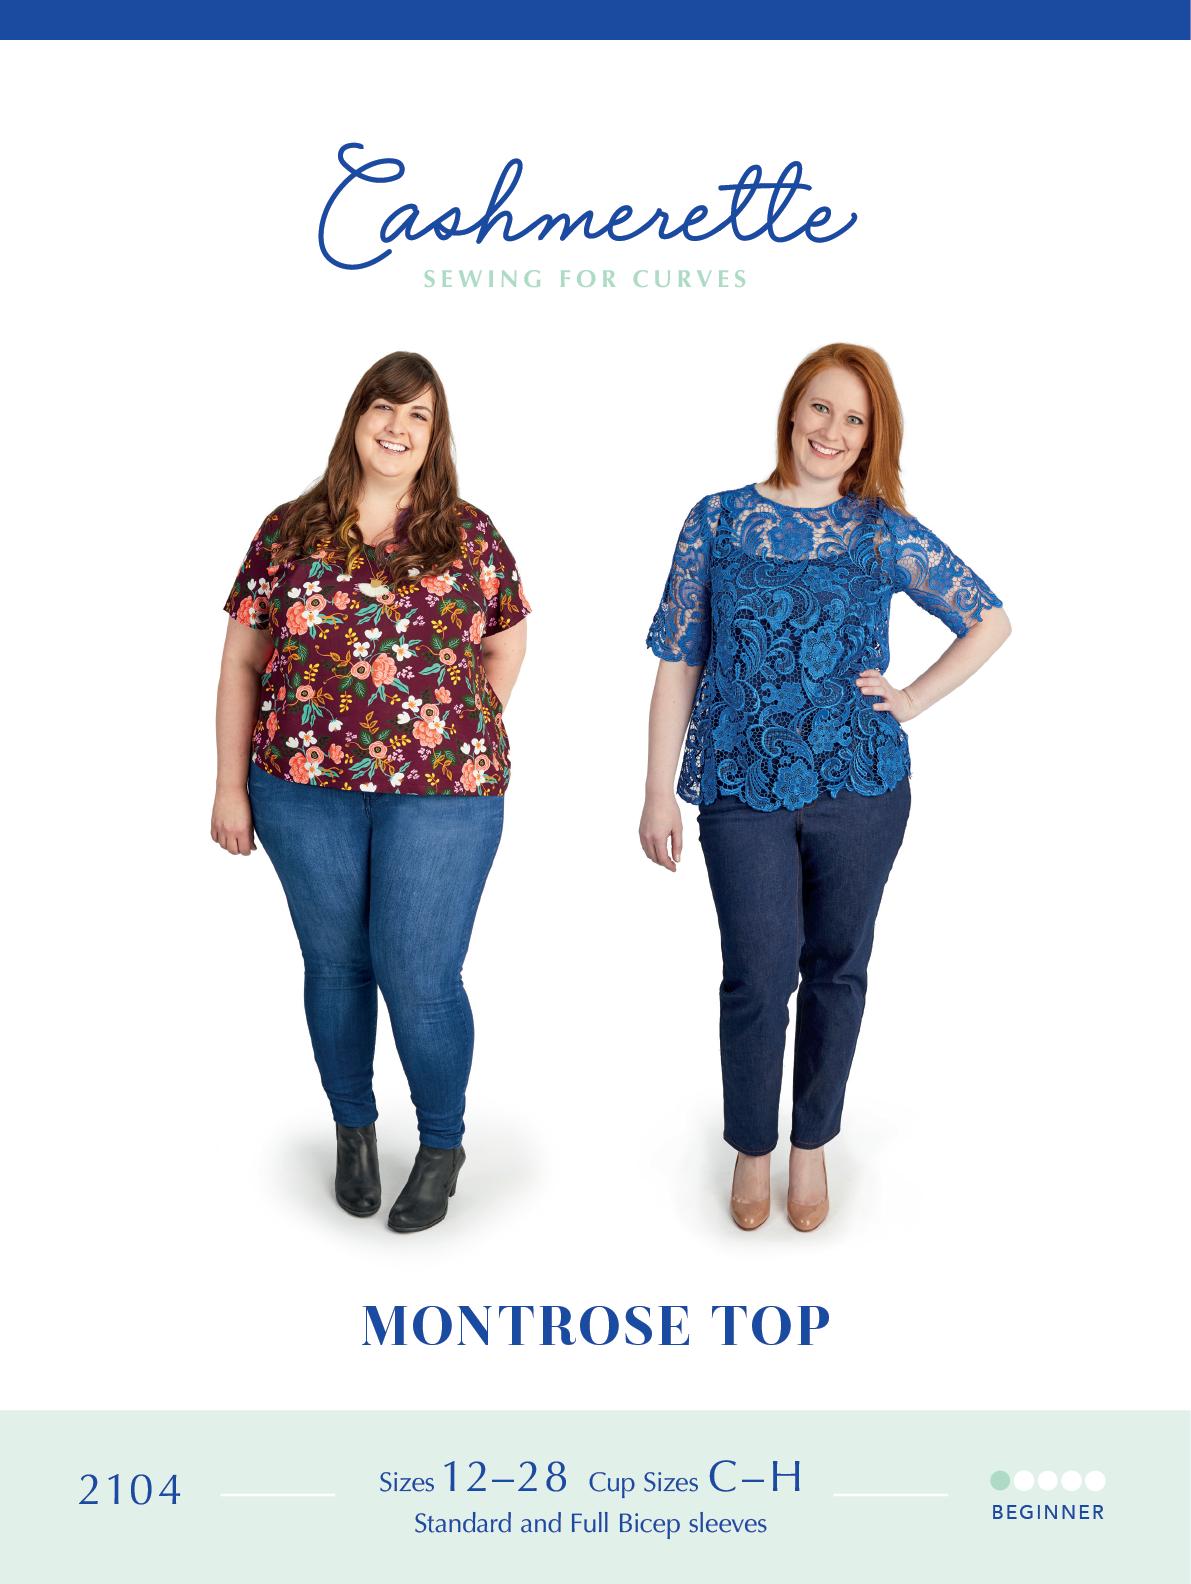 Montrose Top - Cashmerette